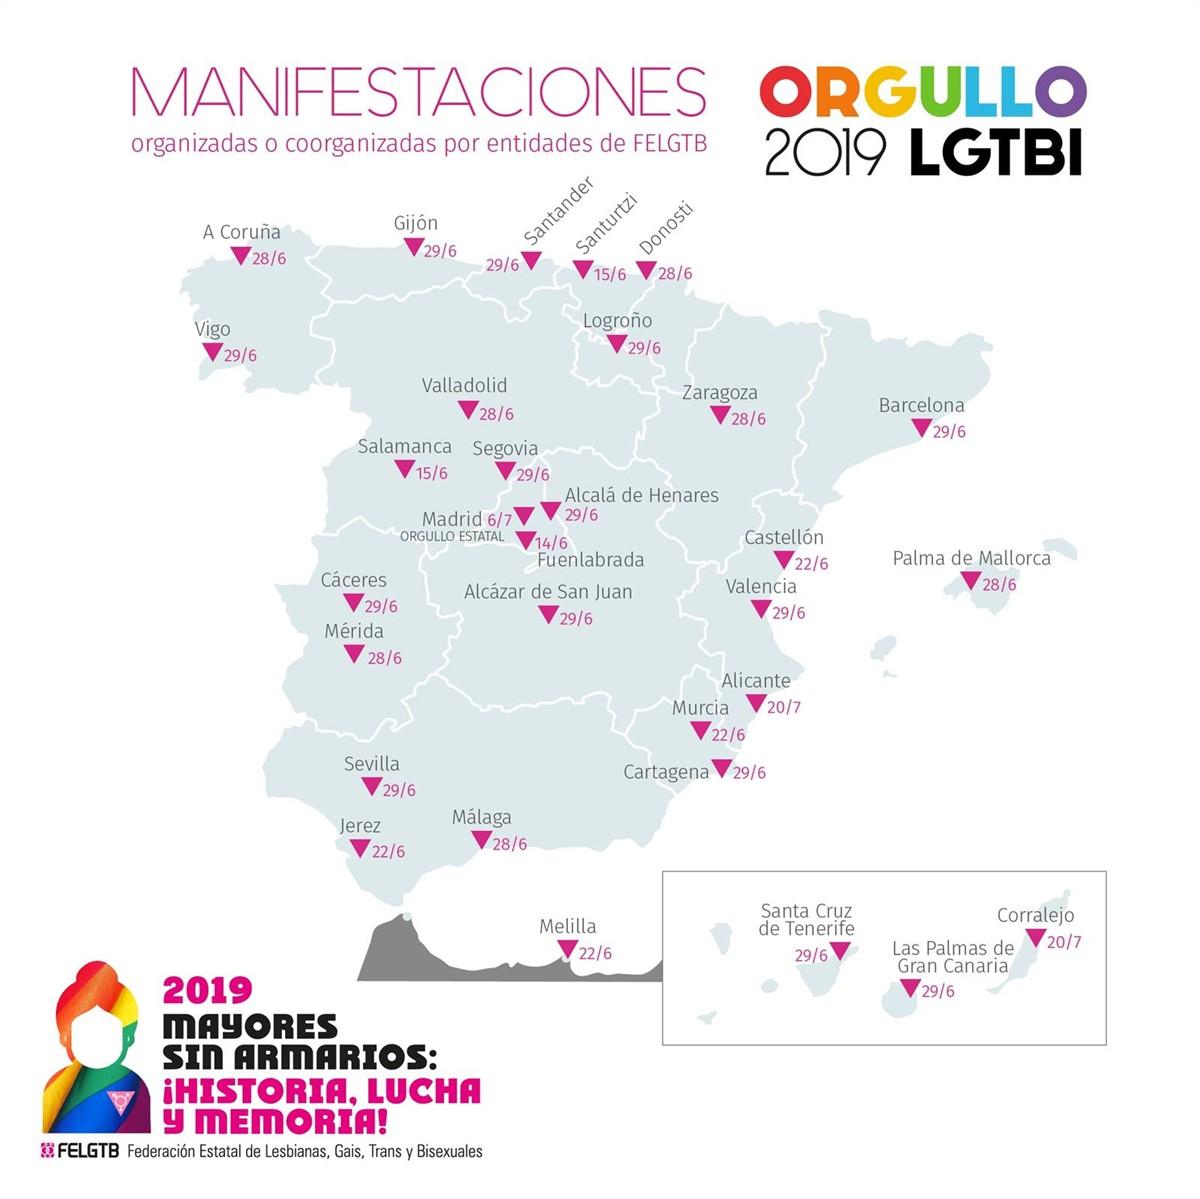 Estas son las acciones para conmemorar el Orgullo LGTBI